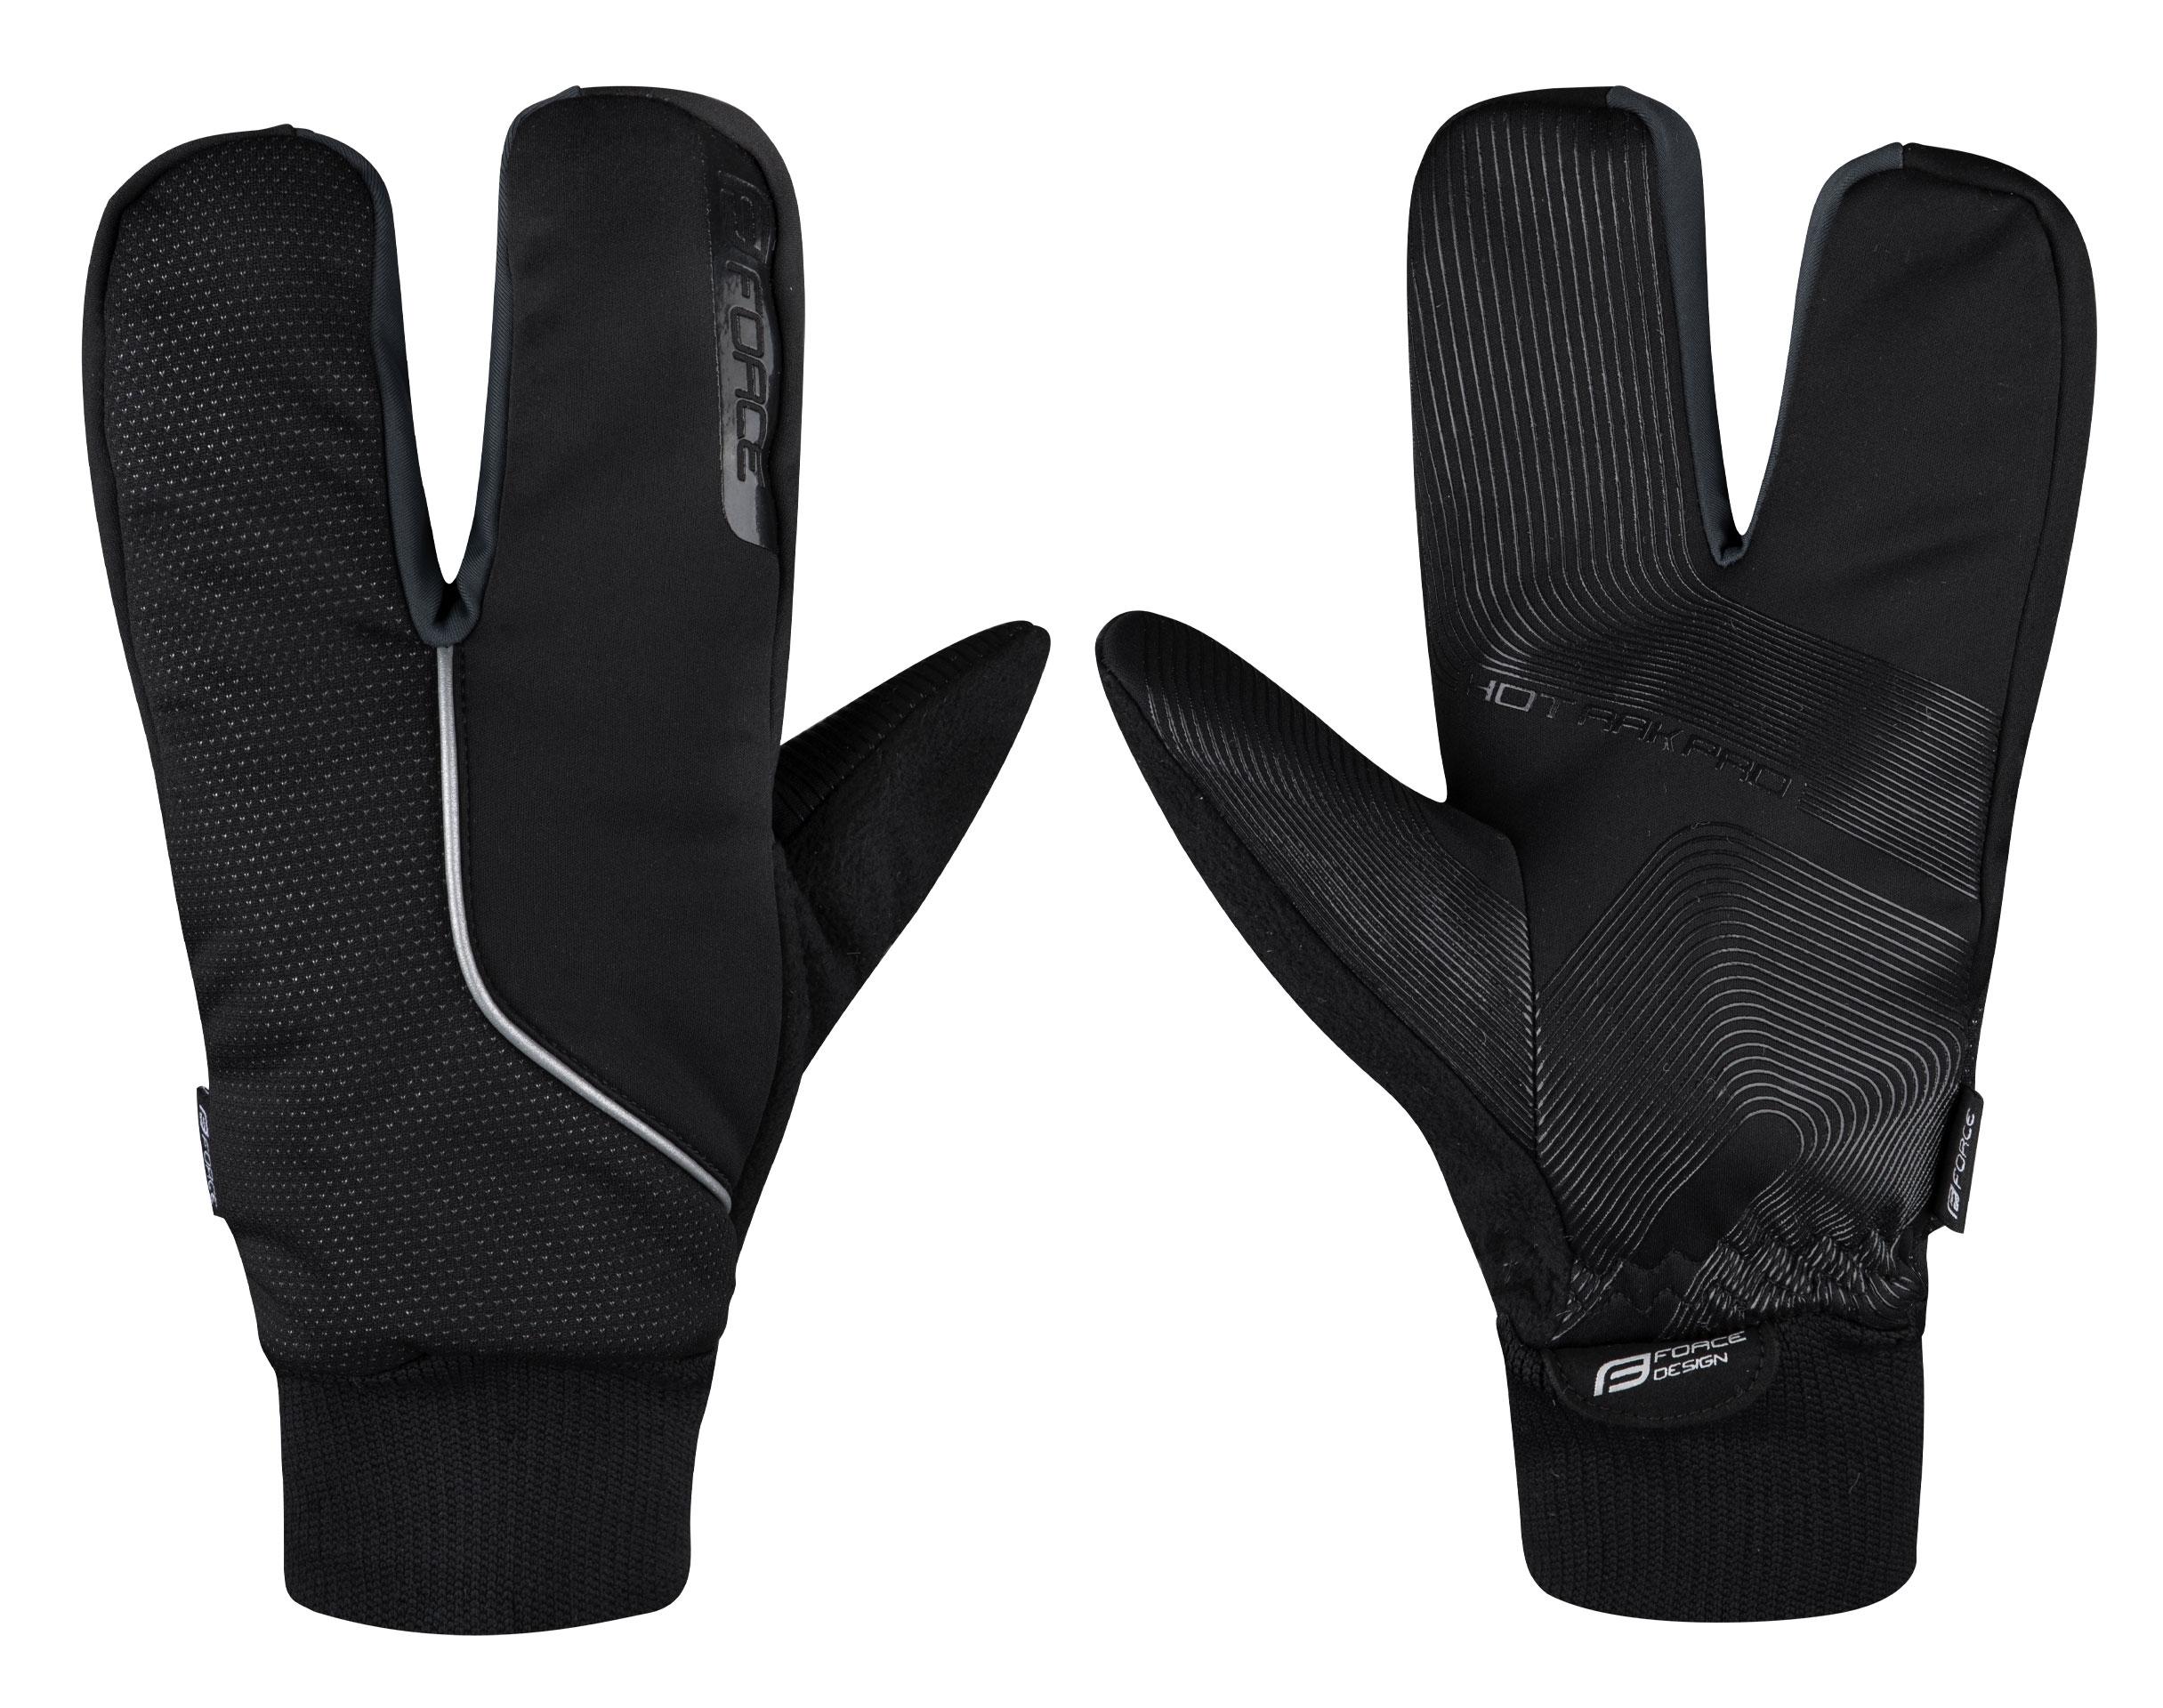 rukavice zimní F HOT RAK PRO 3 prsté, černé XL